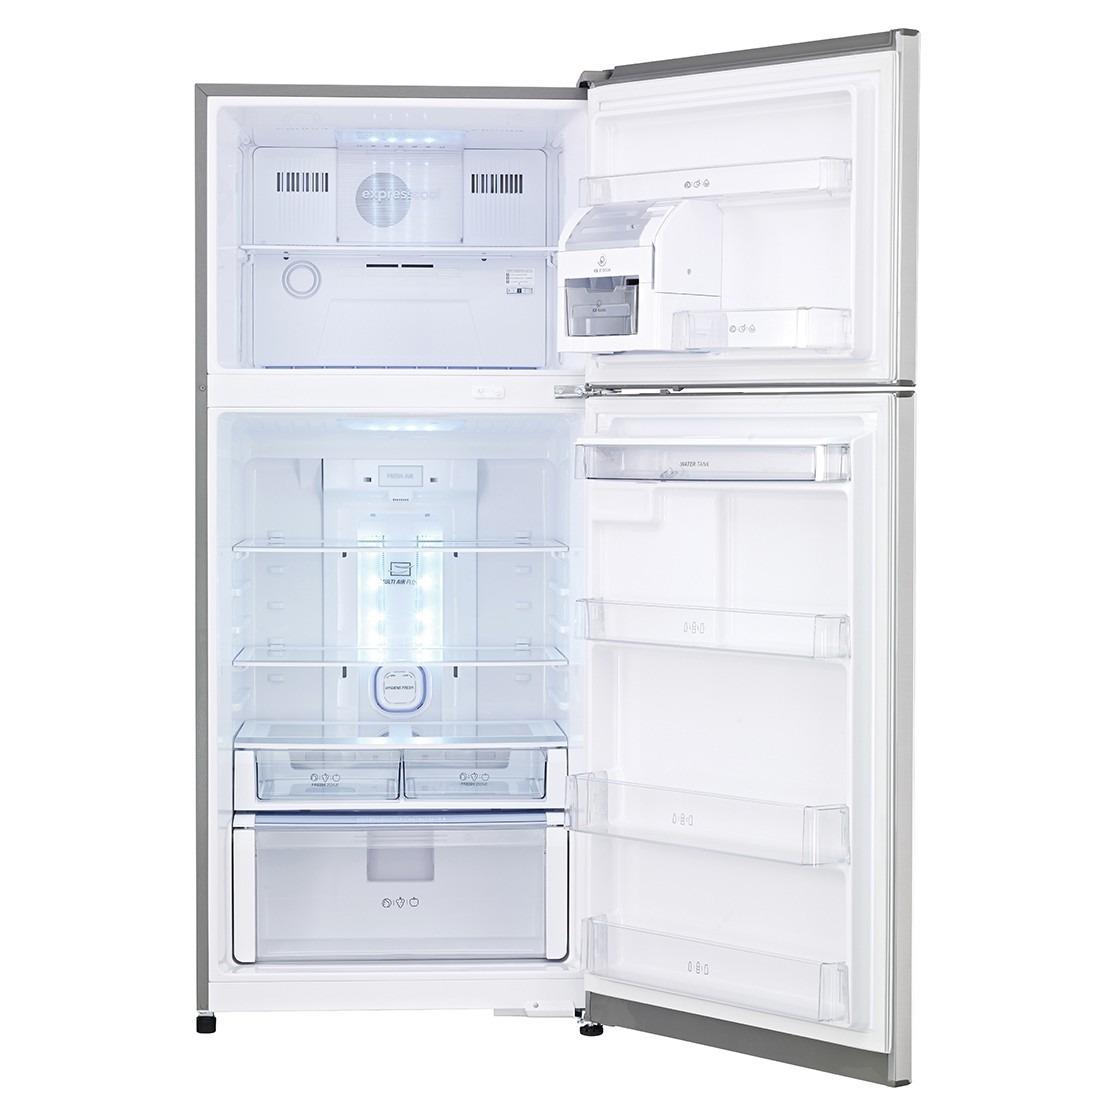 Heladera lg 46hgp 413 lts no frost dispensador de agua for No frost significato